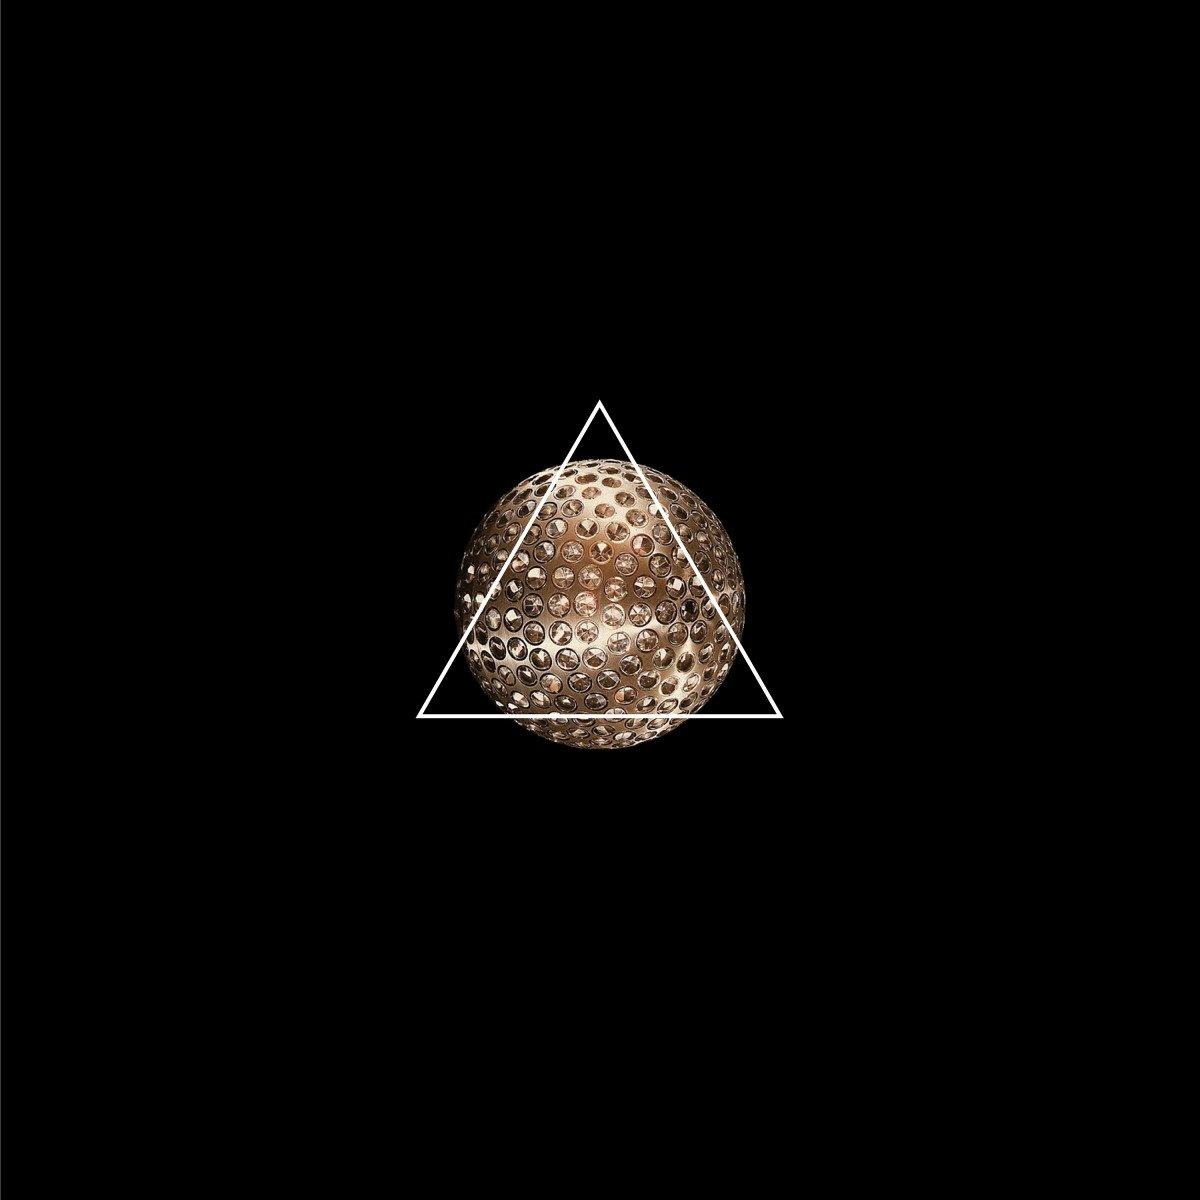 Actress X Lco - Audio Track 5 (LP Vinyl)